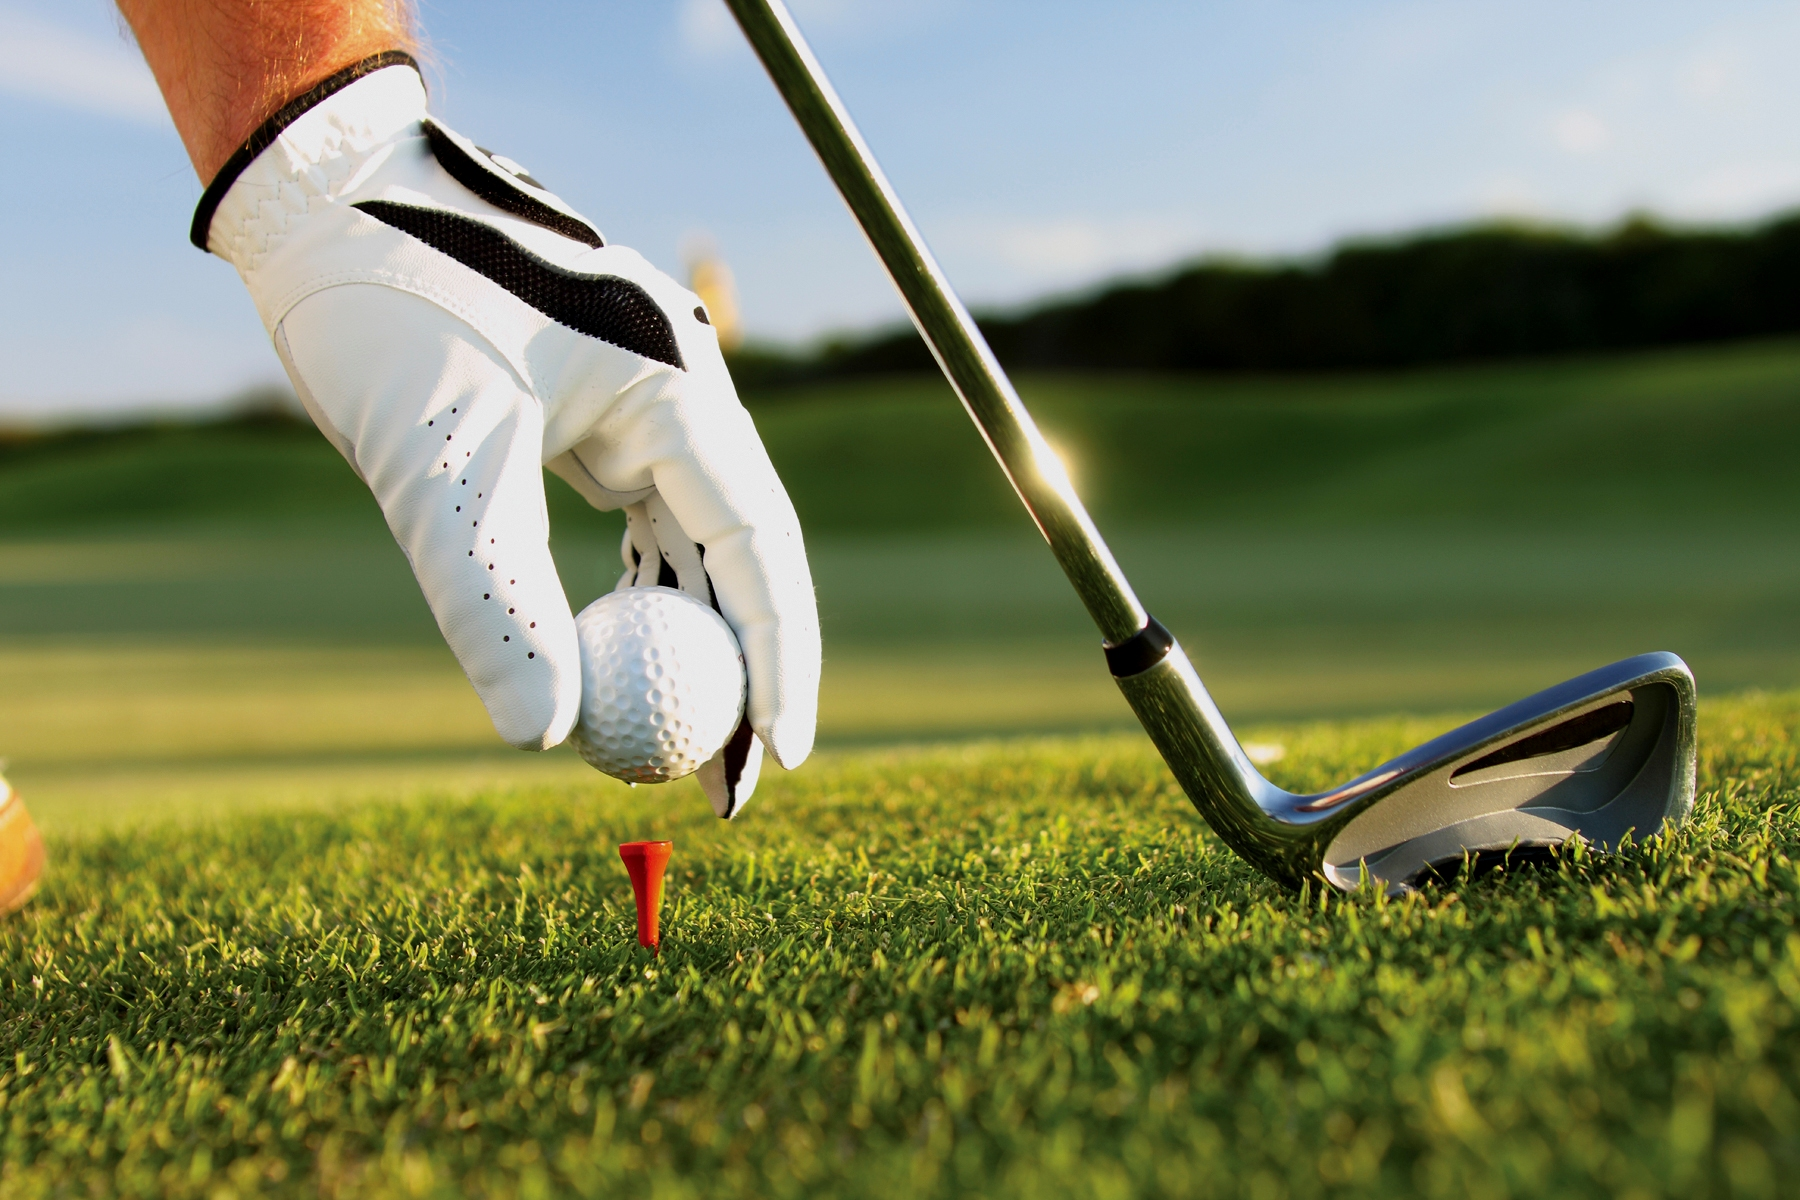 1aaa golf stock.jpg